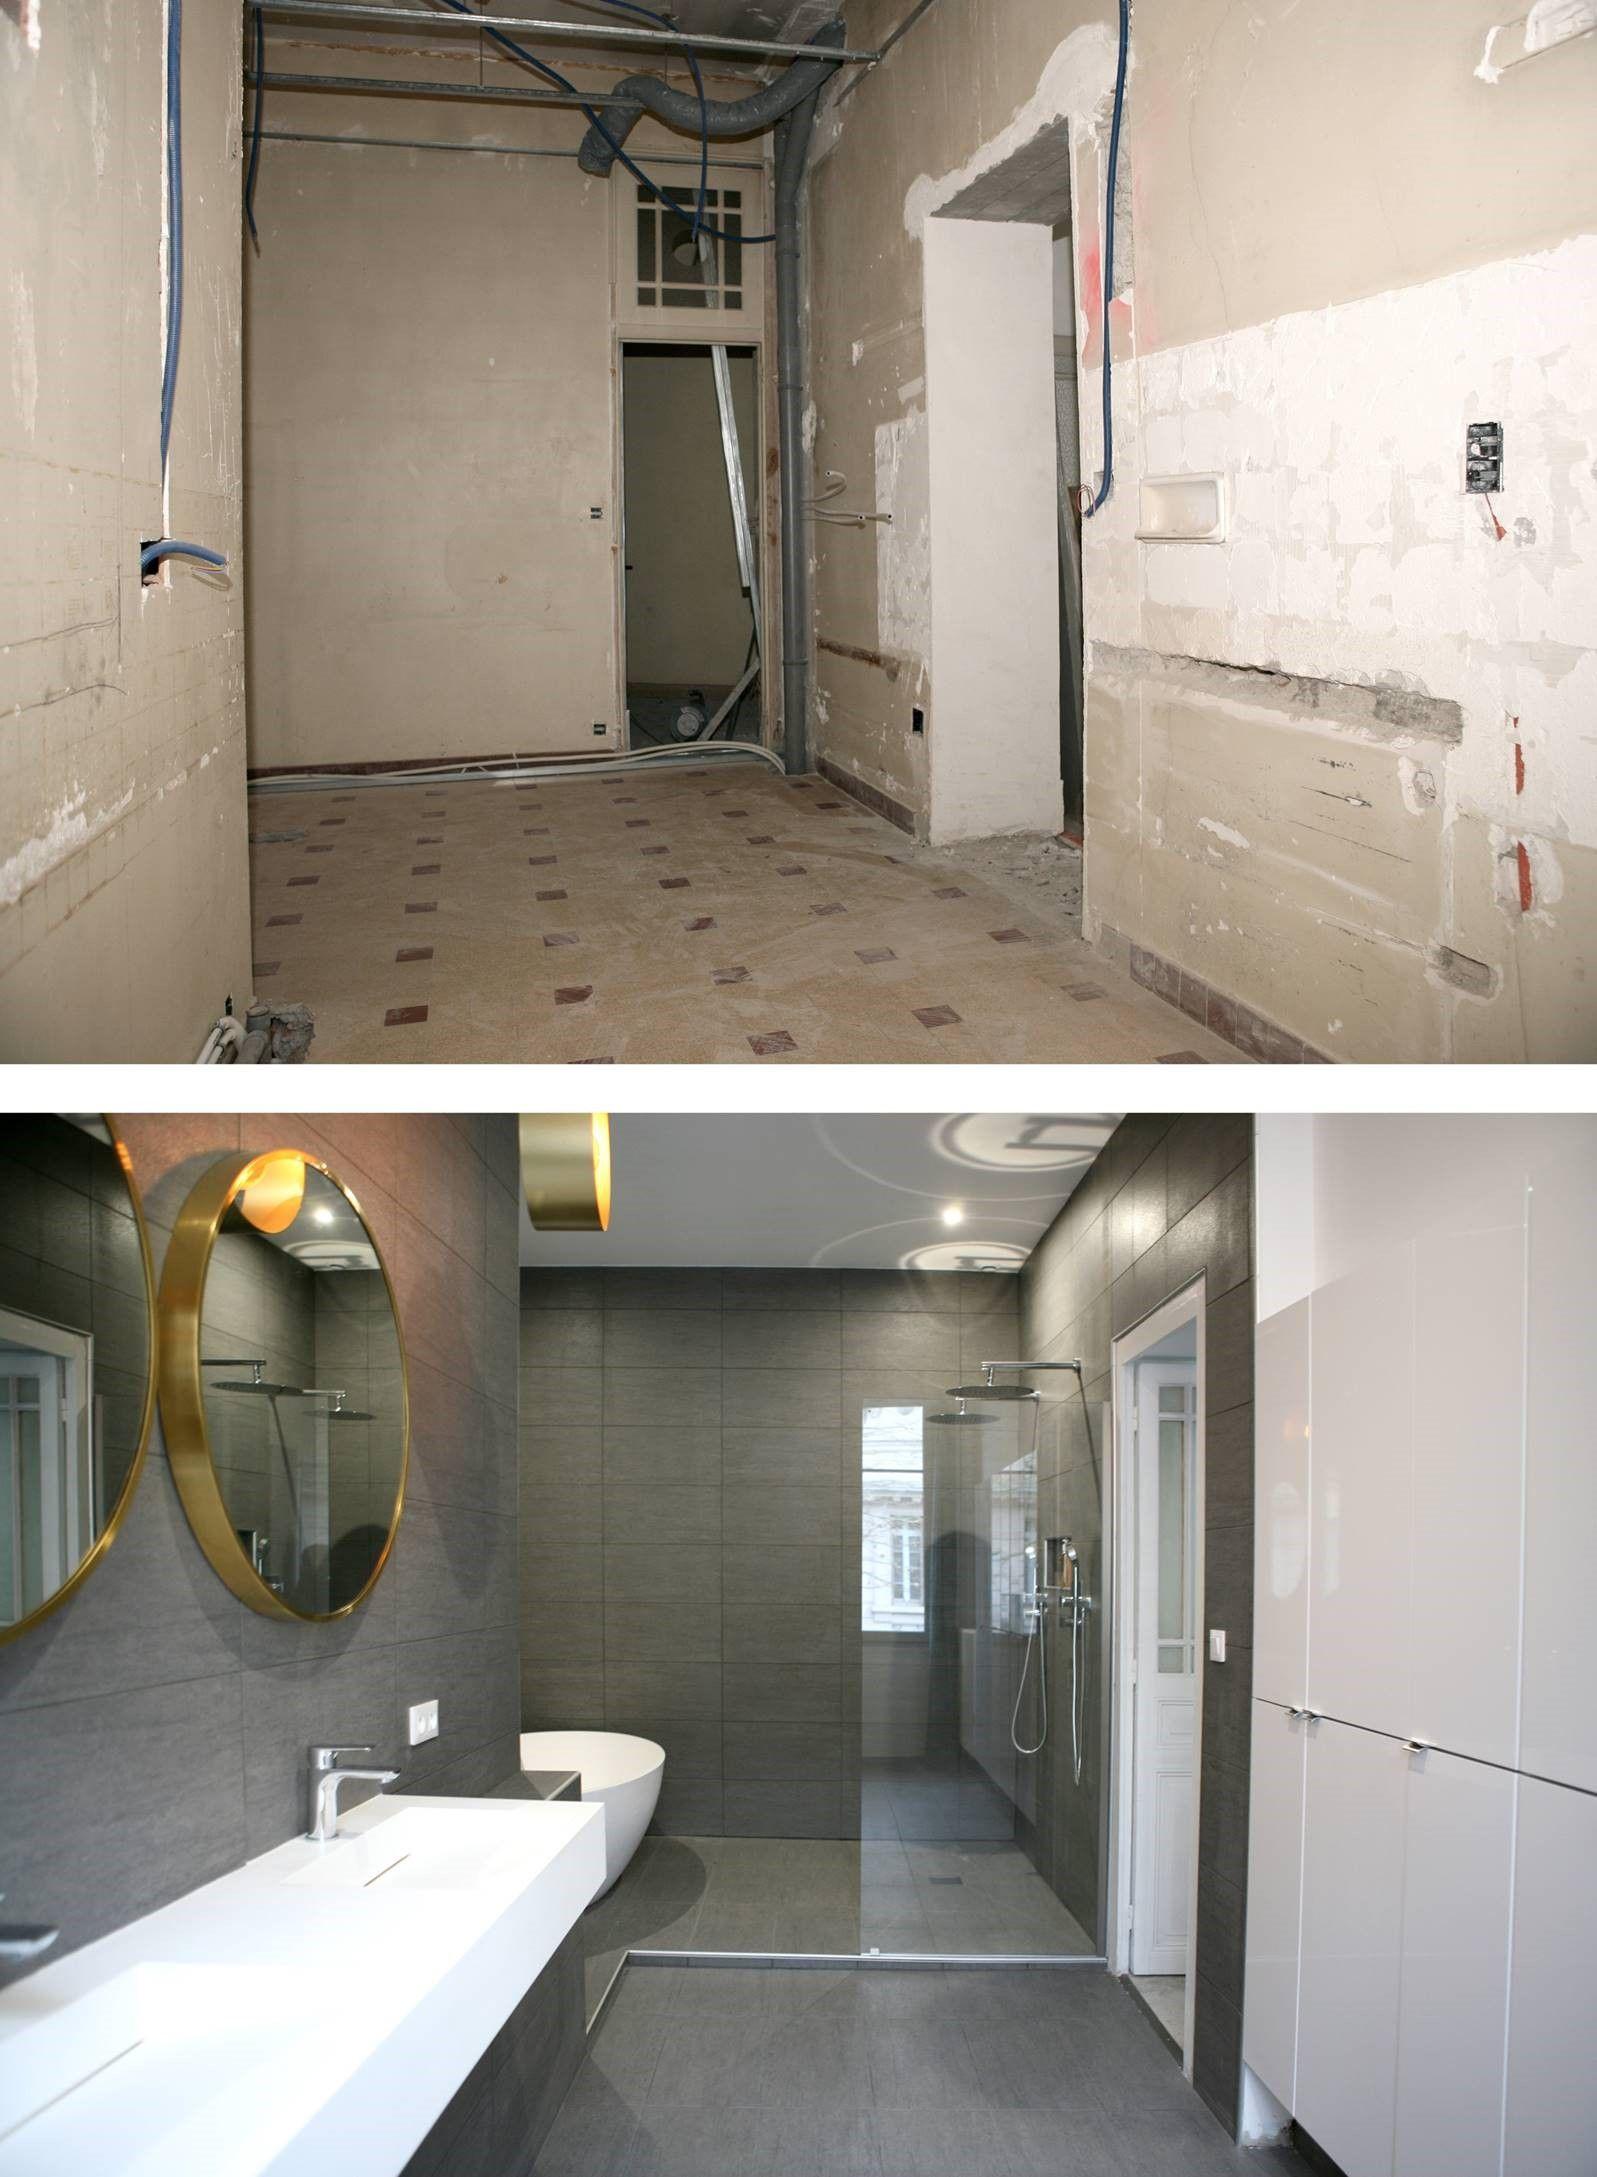 Salle De Bain Renovation Avant Apres ~ avant apr s douche l italienne sarodis magnifique r novation d